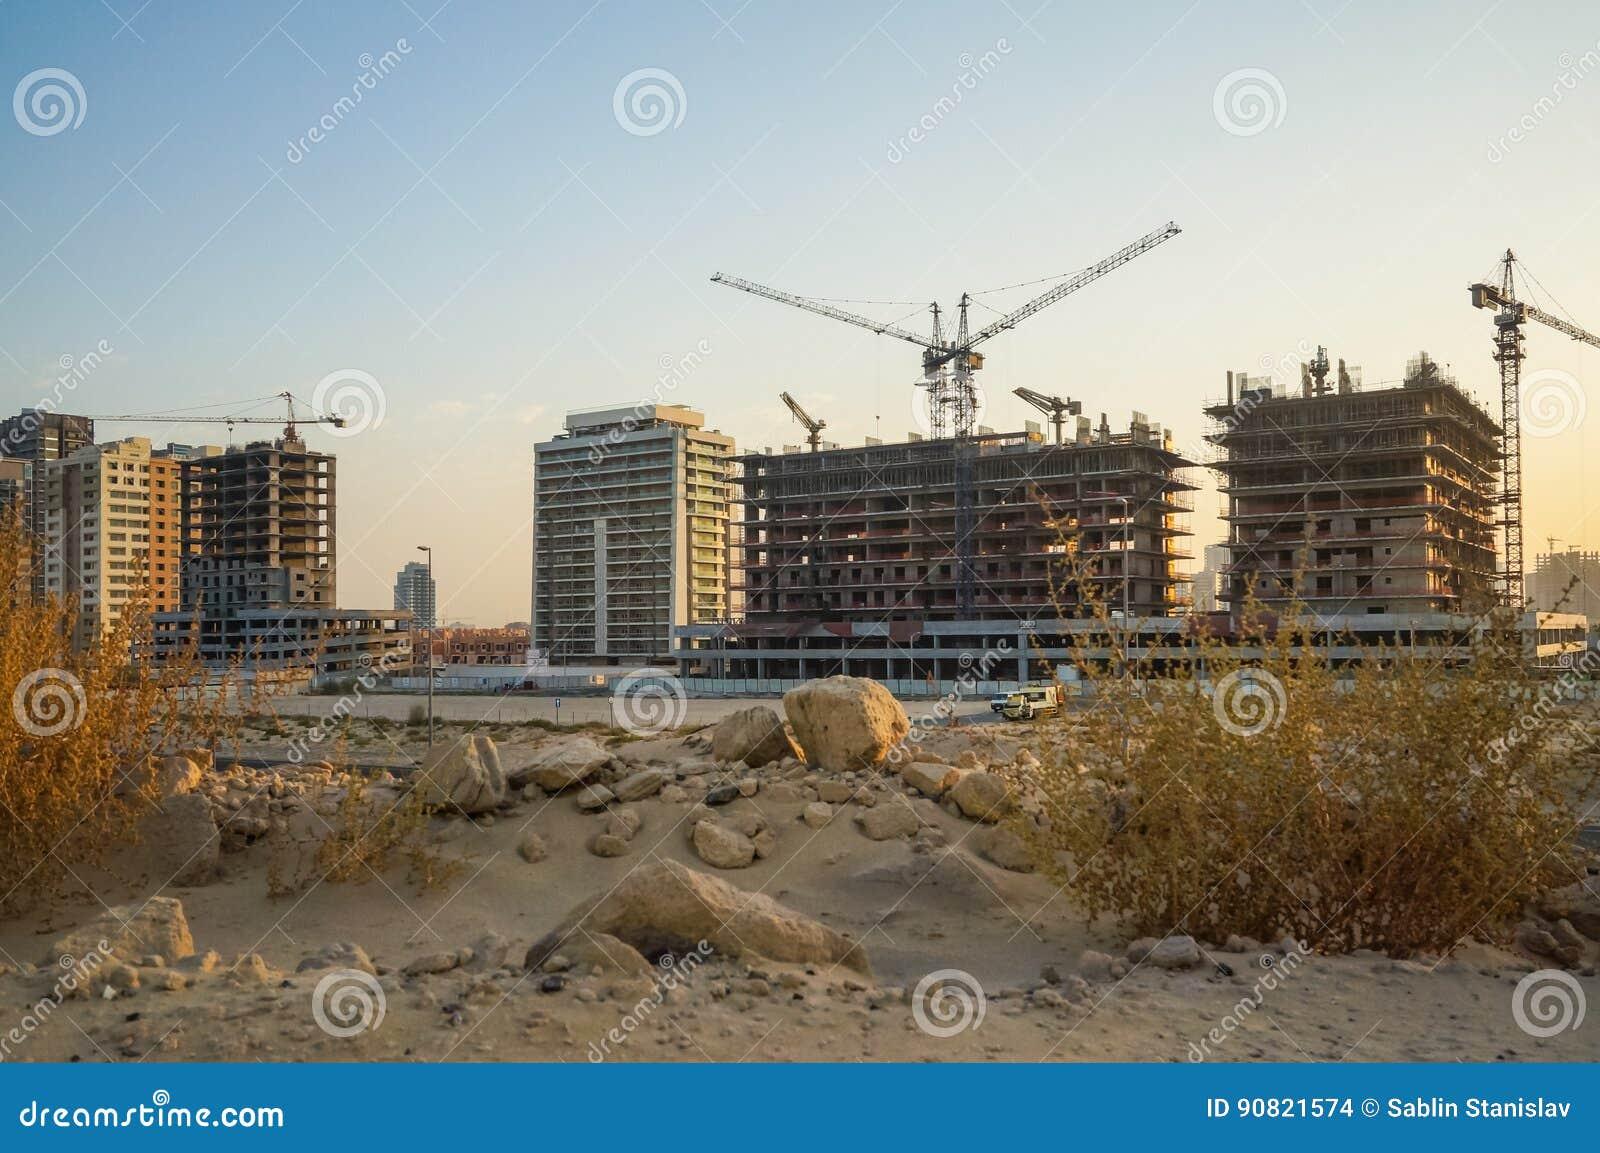 Dubai Sommar 2016 Utveckling av ökenområden, nytt hus i staden av Dubai, nära den nya hotellGhaya tusen dollar